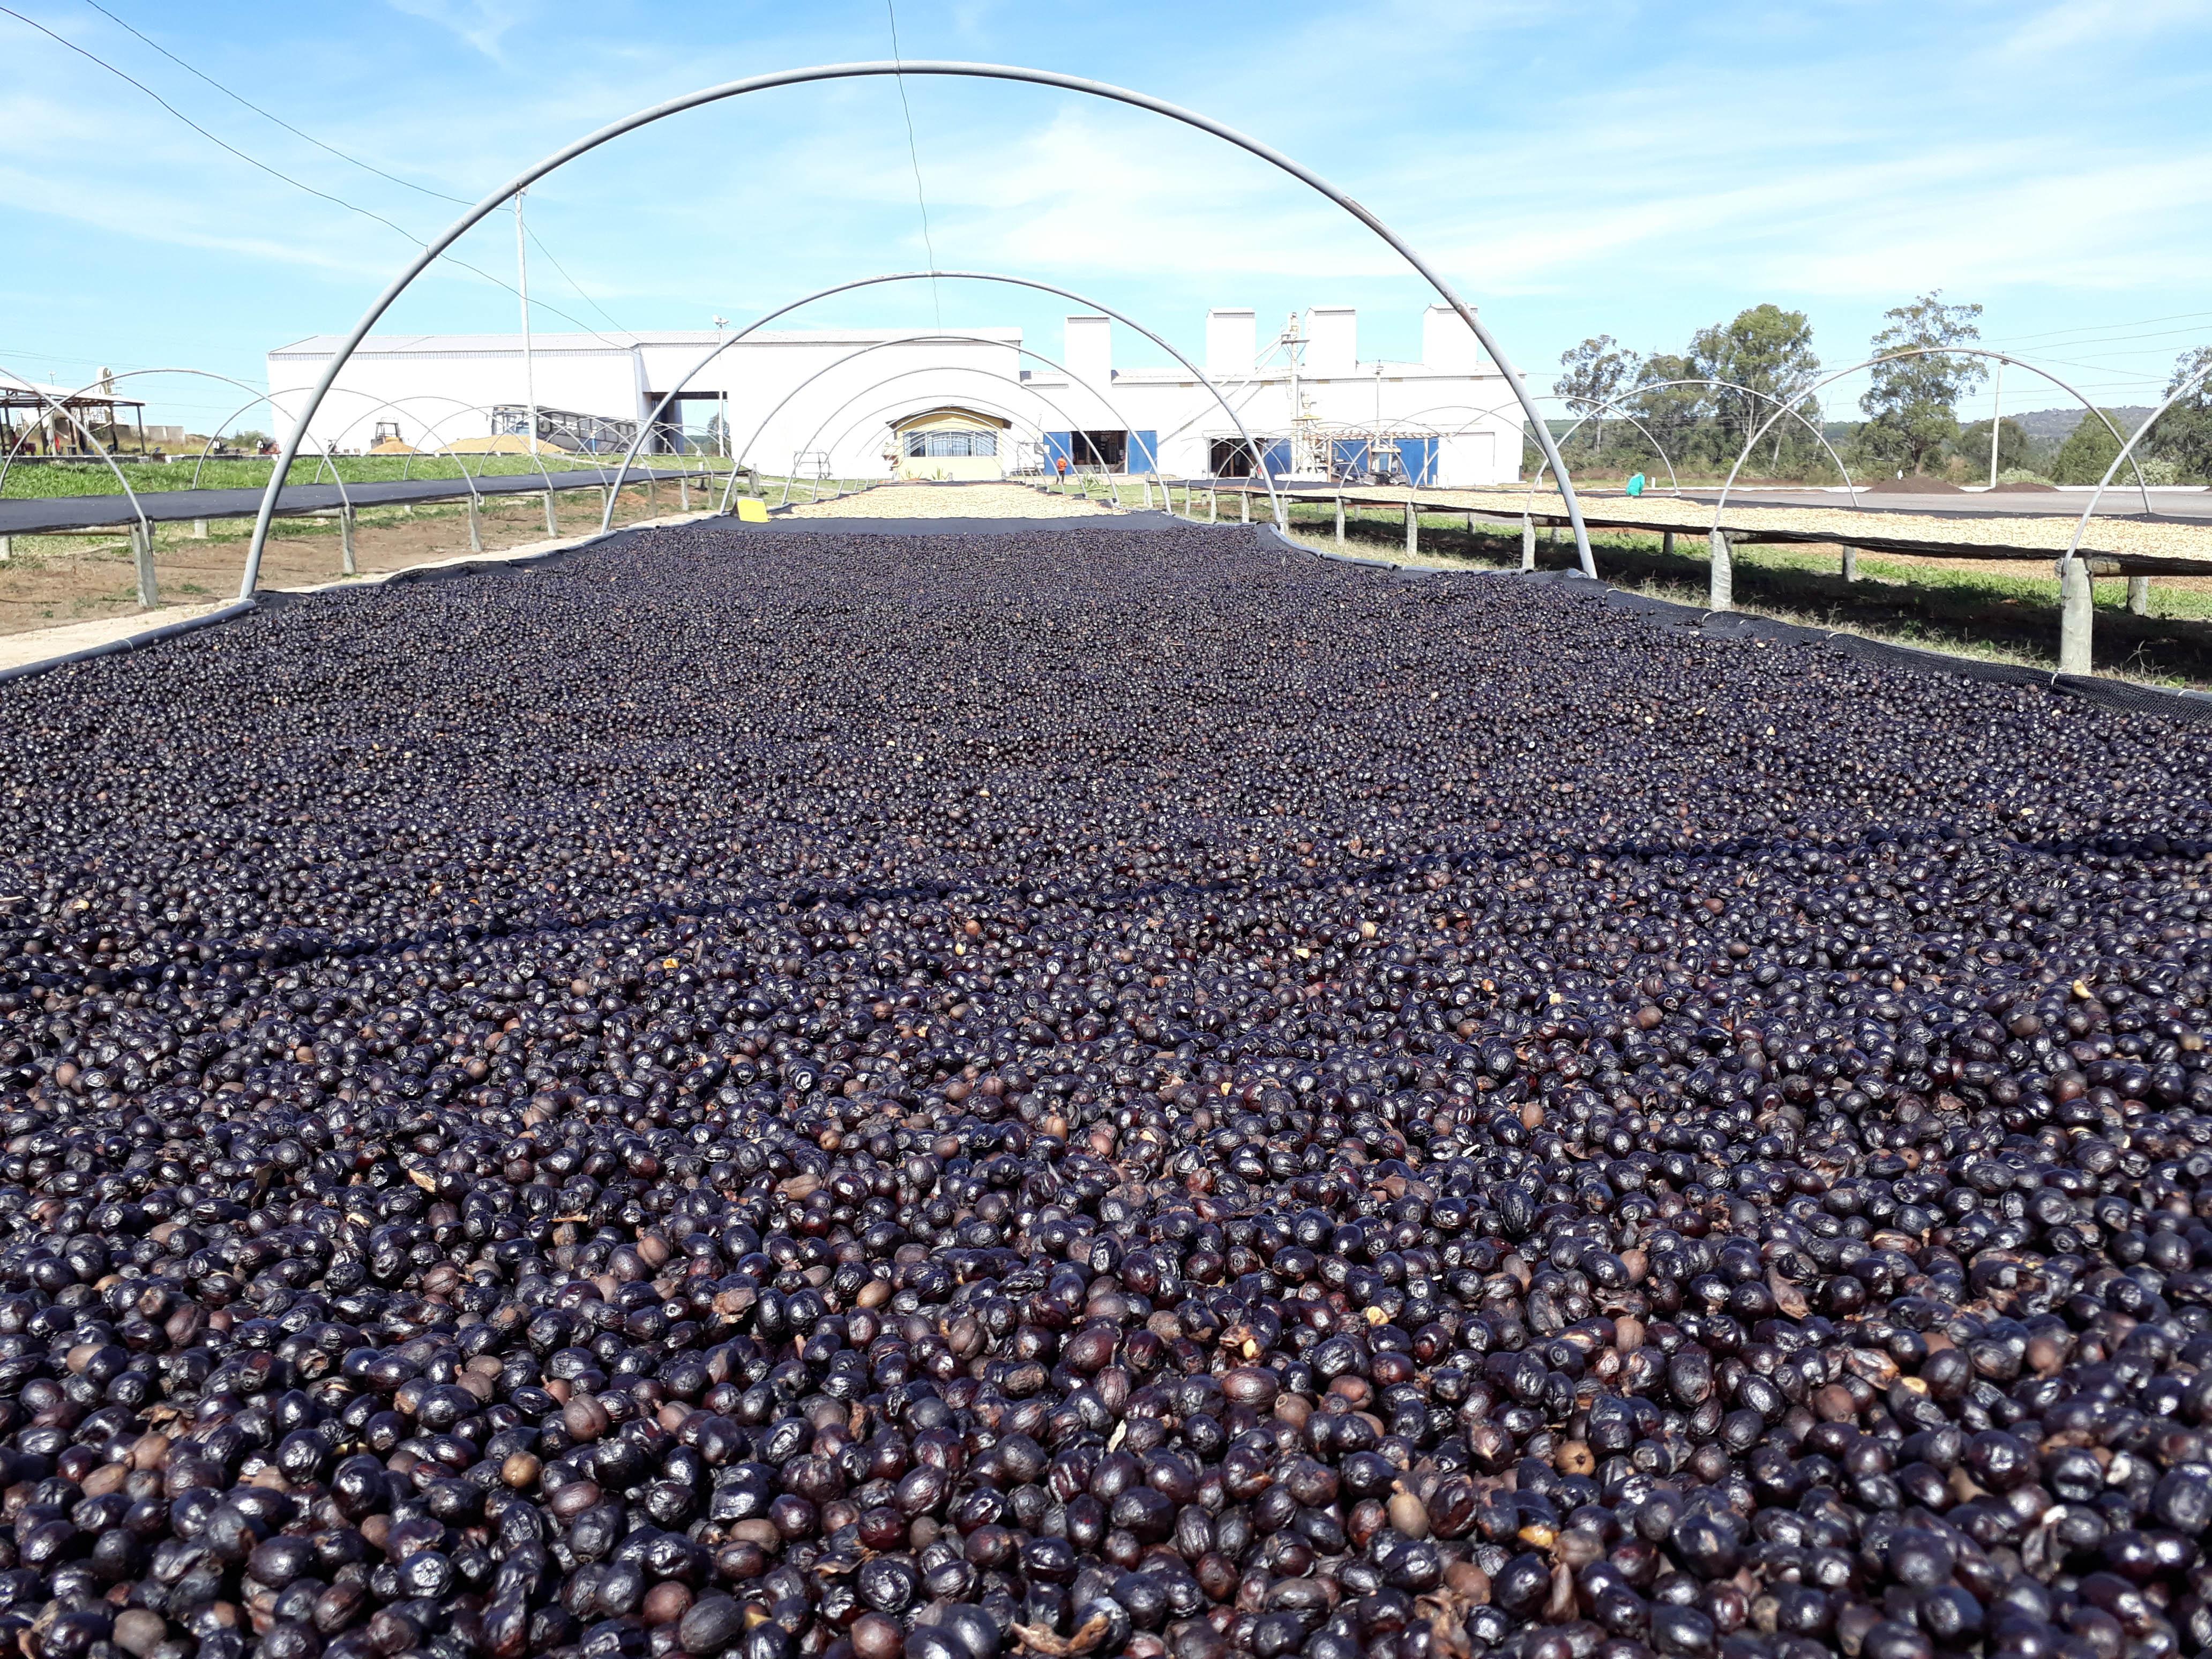 tropical-fermentation-1 via @carvetiicoffee